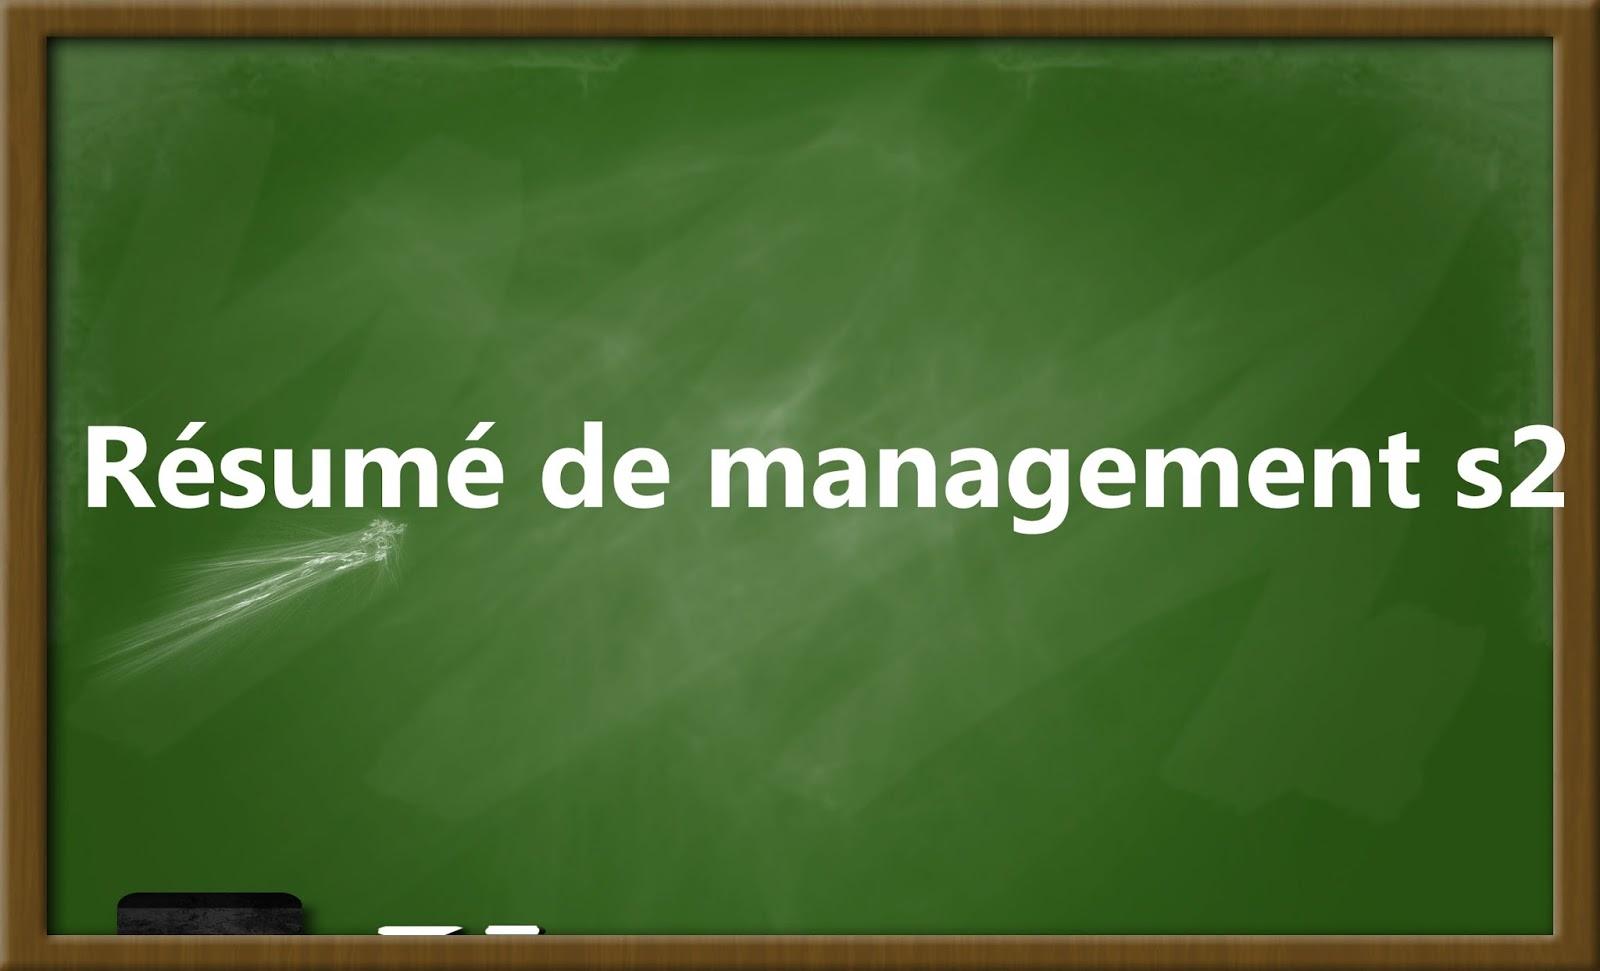 résumé de management s2 par mr edaoudi omar fsjes centre